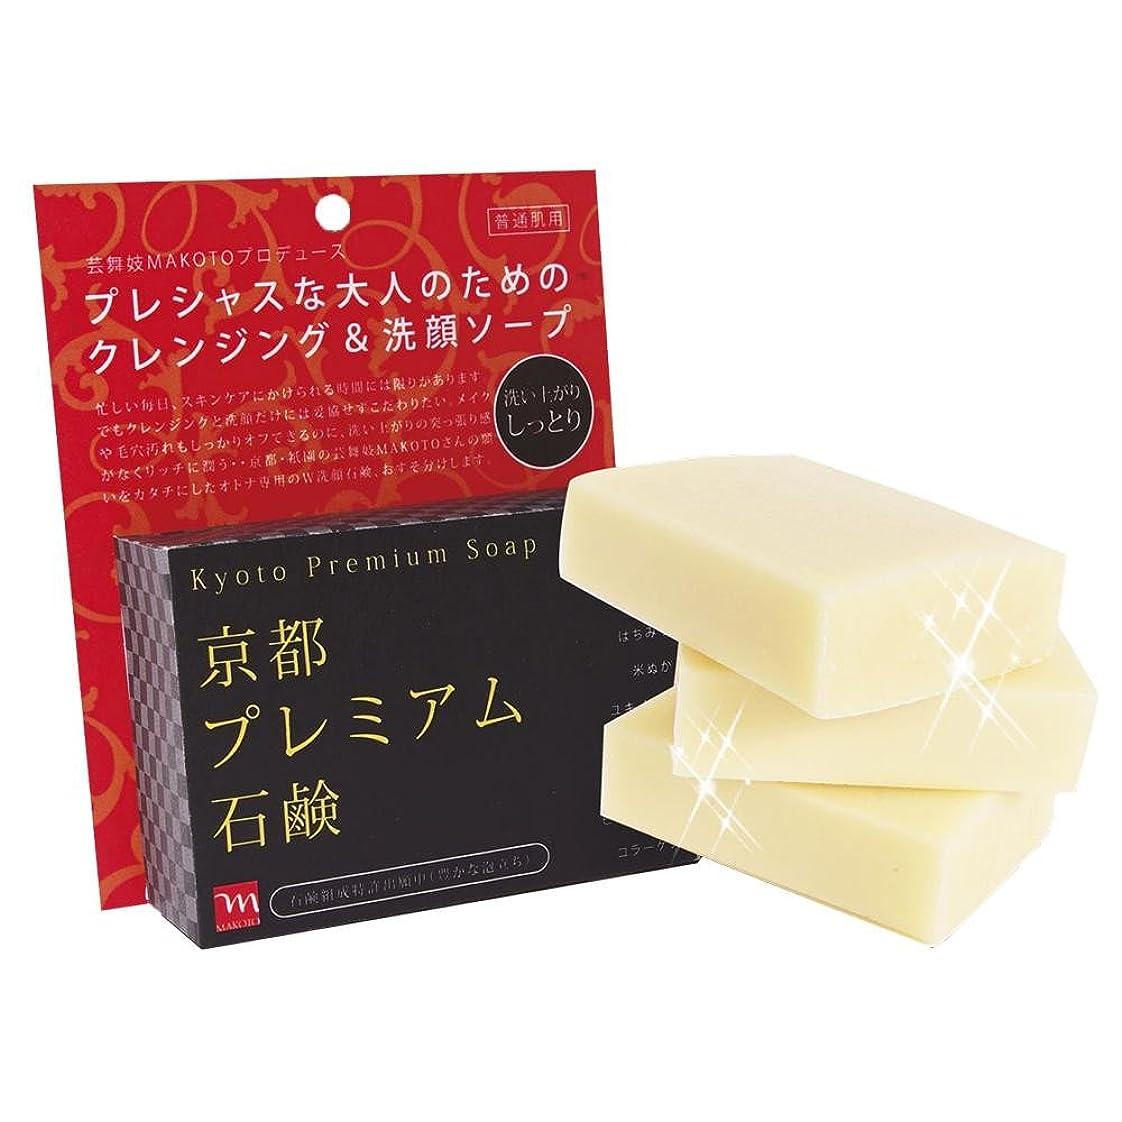 戸惑うプロフェッショナル威信京都プレミアム石鹸 120g【人気 おすすめ 】